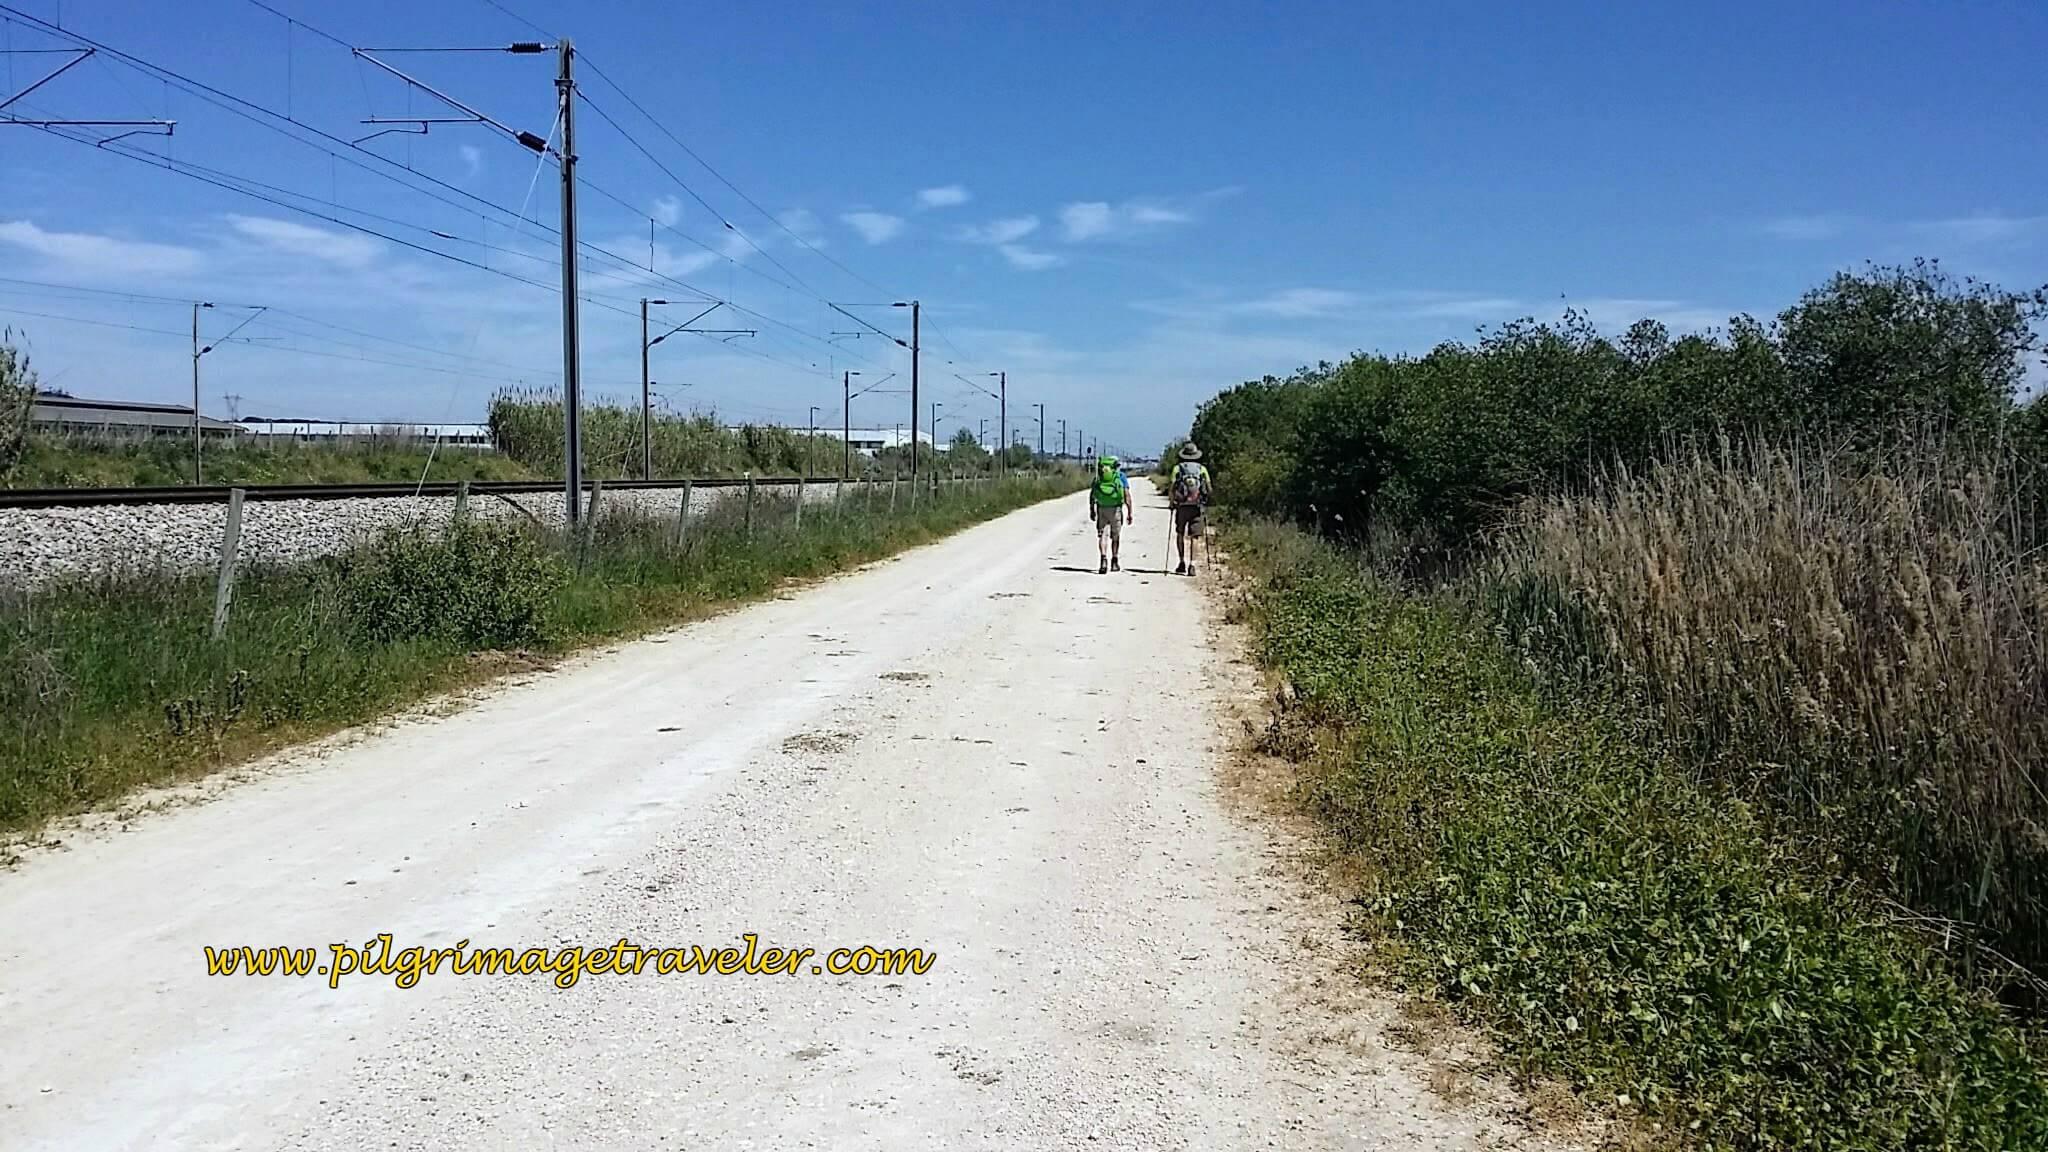 Along the Railroad Tracks Towards Azambuja, Camino Portugués